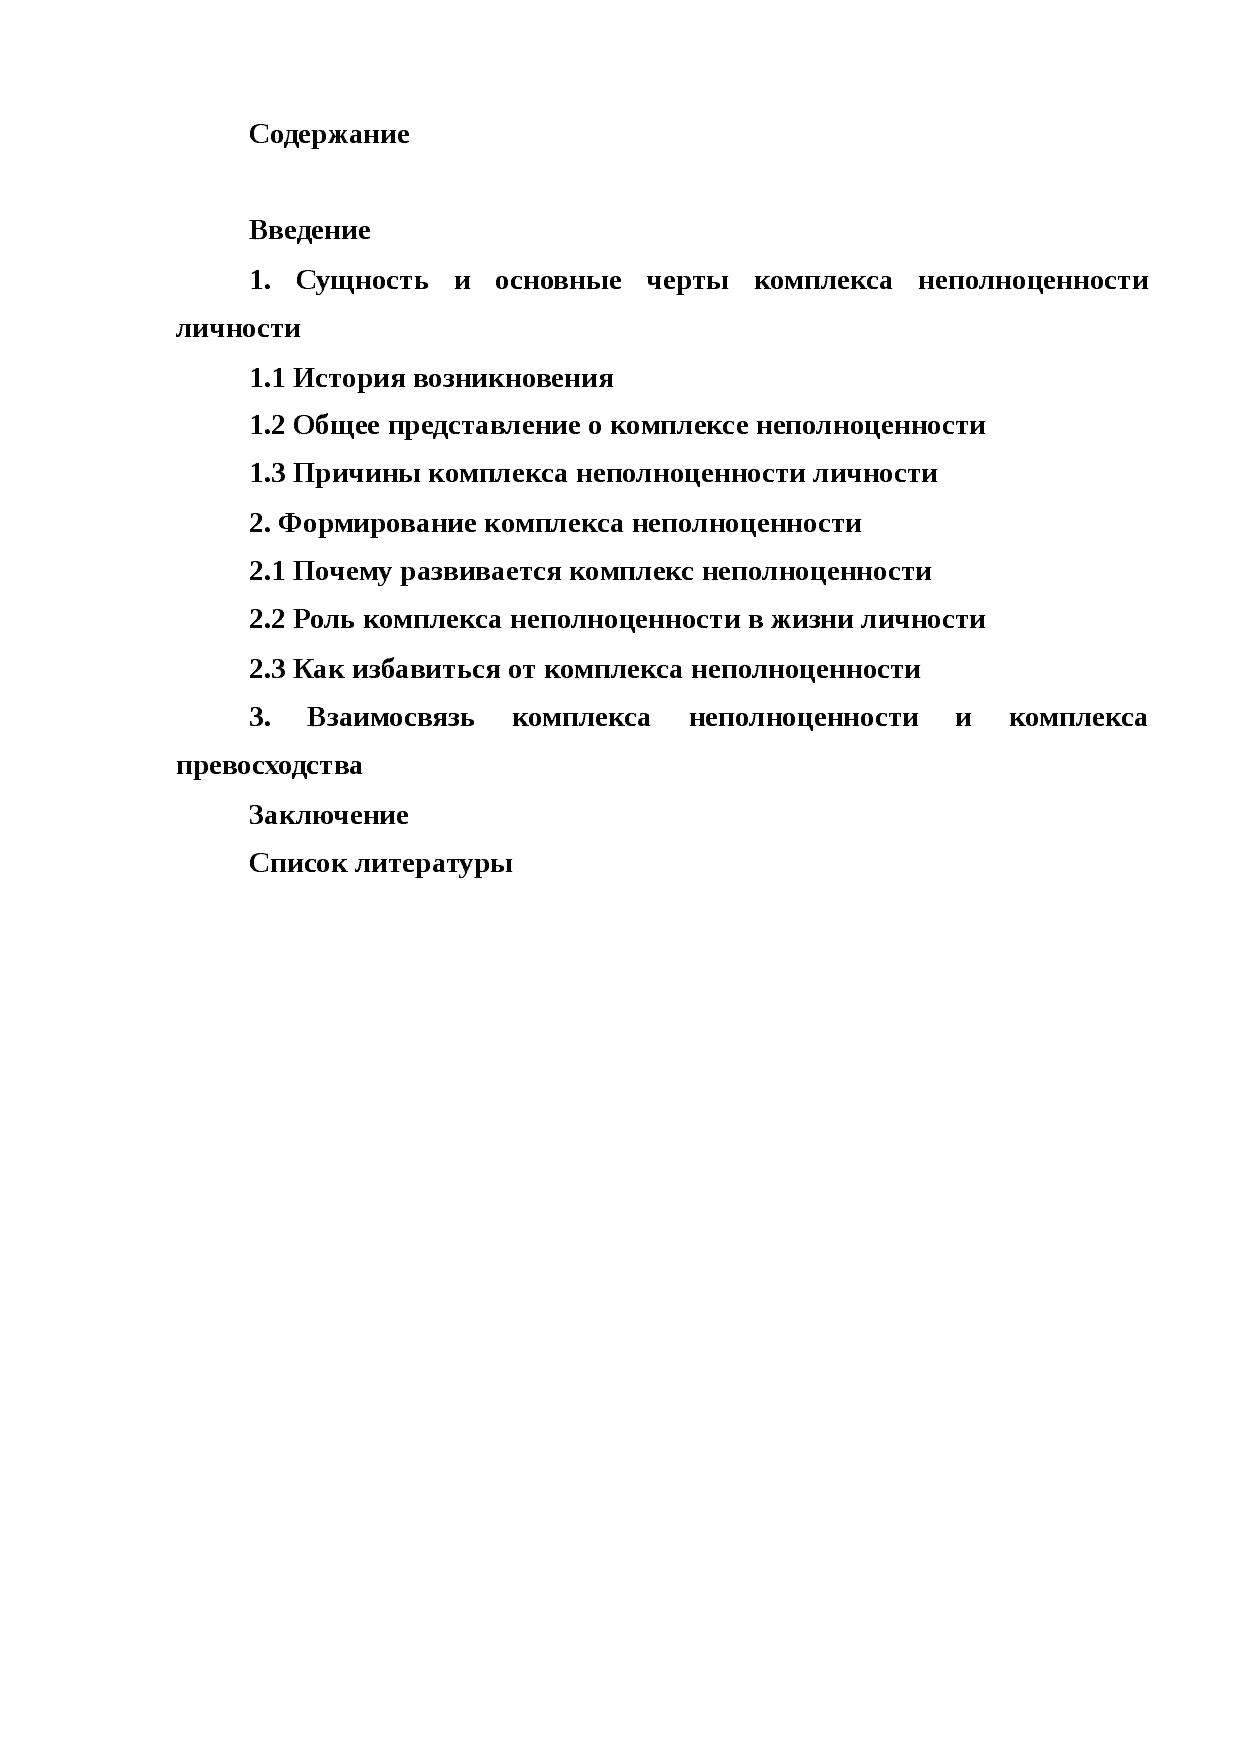 Комплекс неполноценности личности у мужчин и женщин - как избавиться и причины заболевания - docdoc.ru